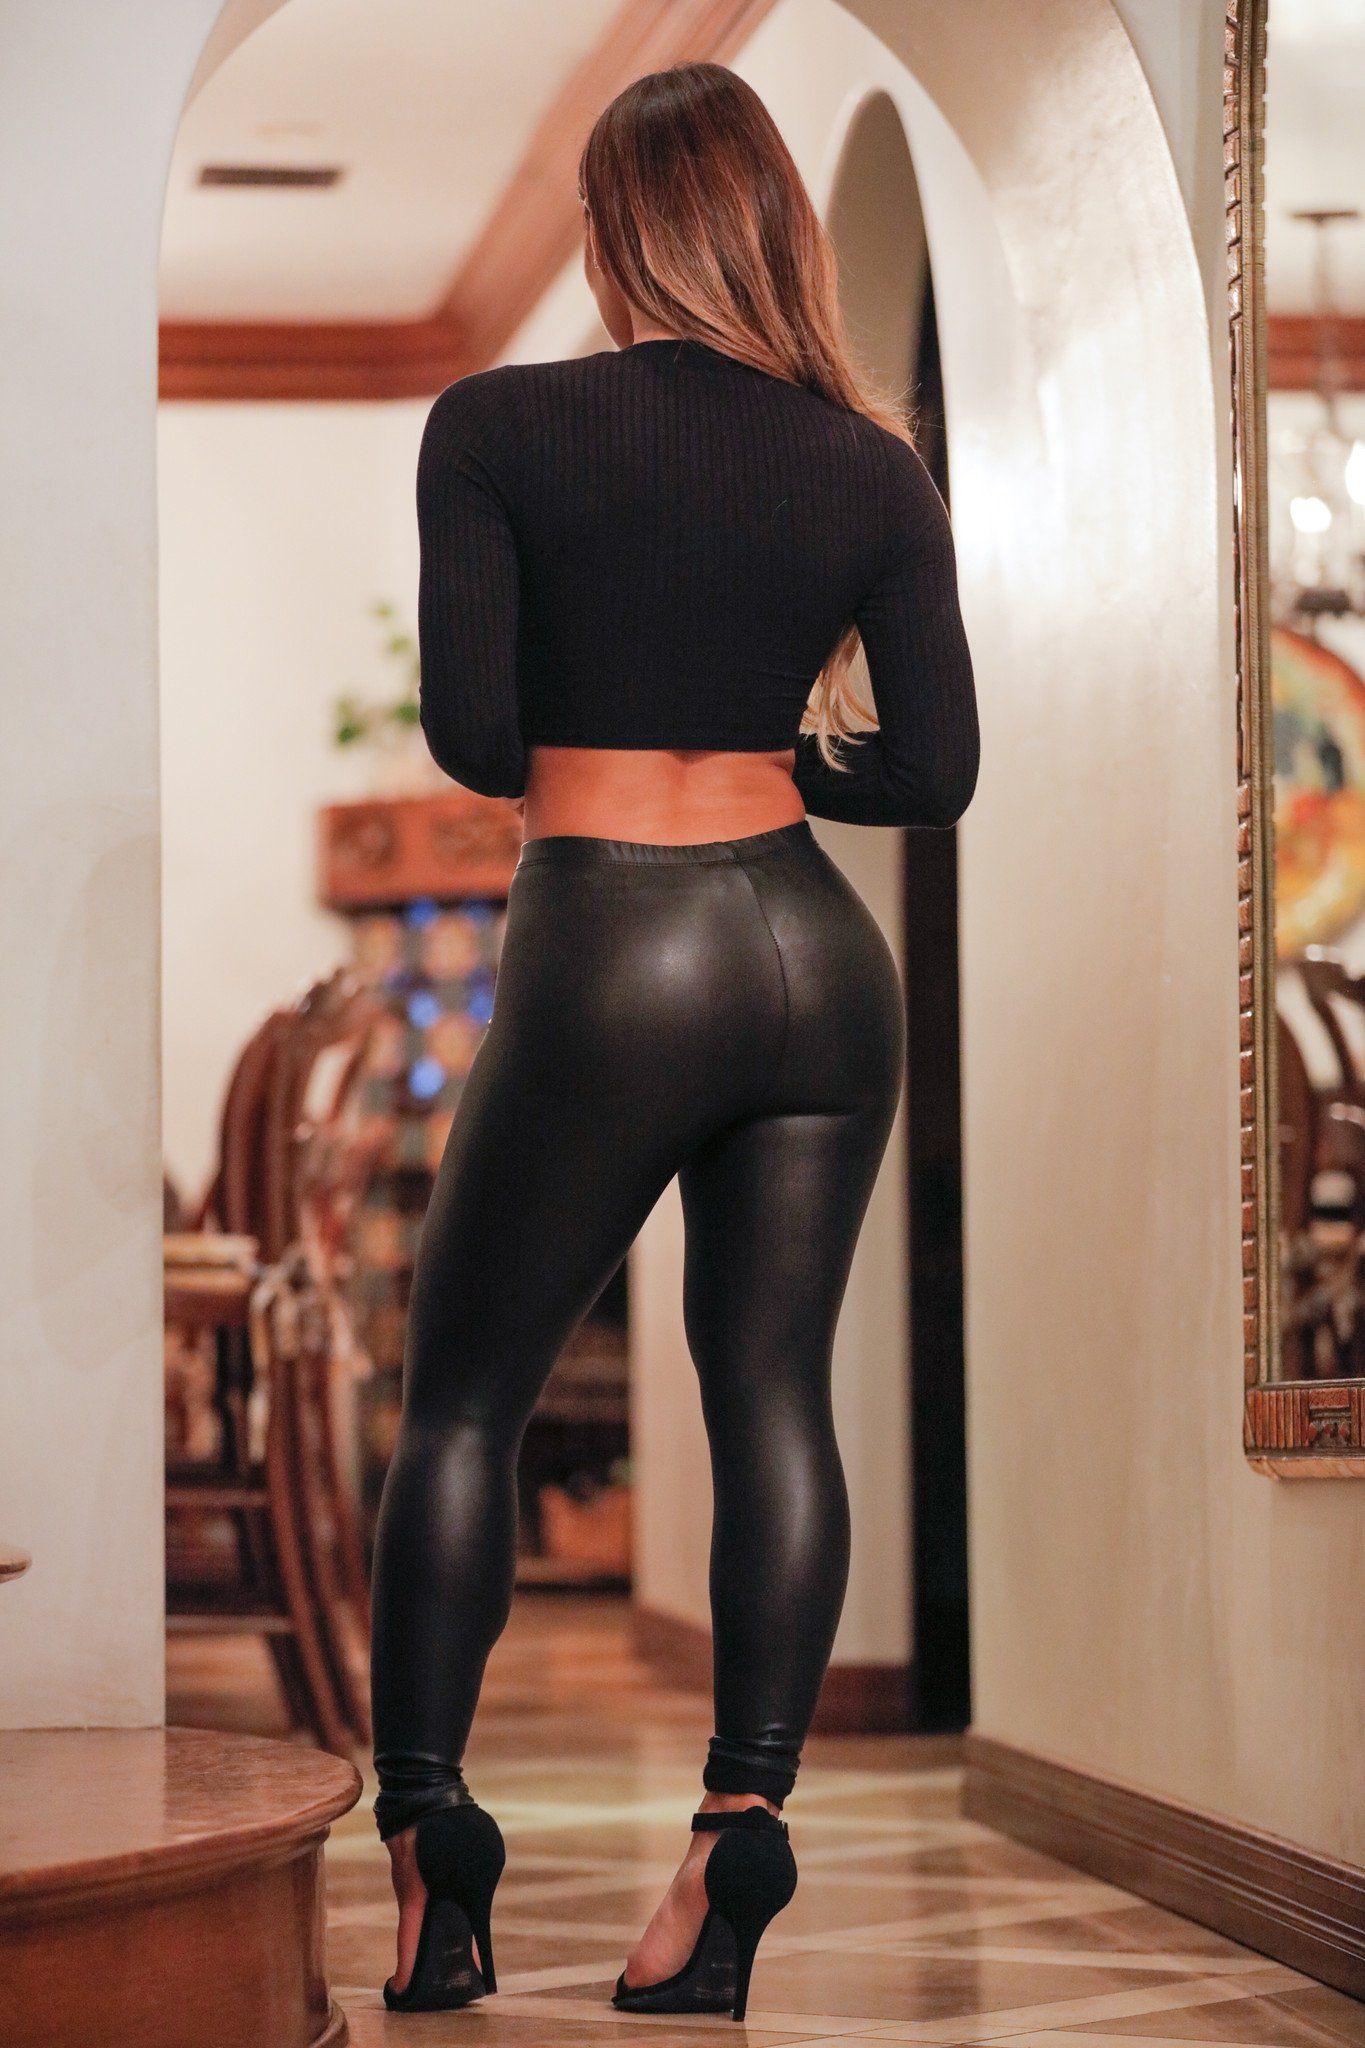 toppless-women-in-leggings-brandy-nor